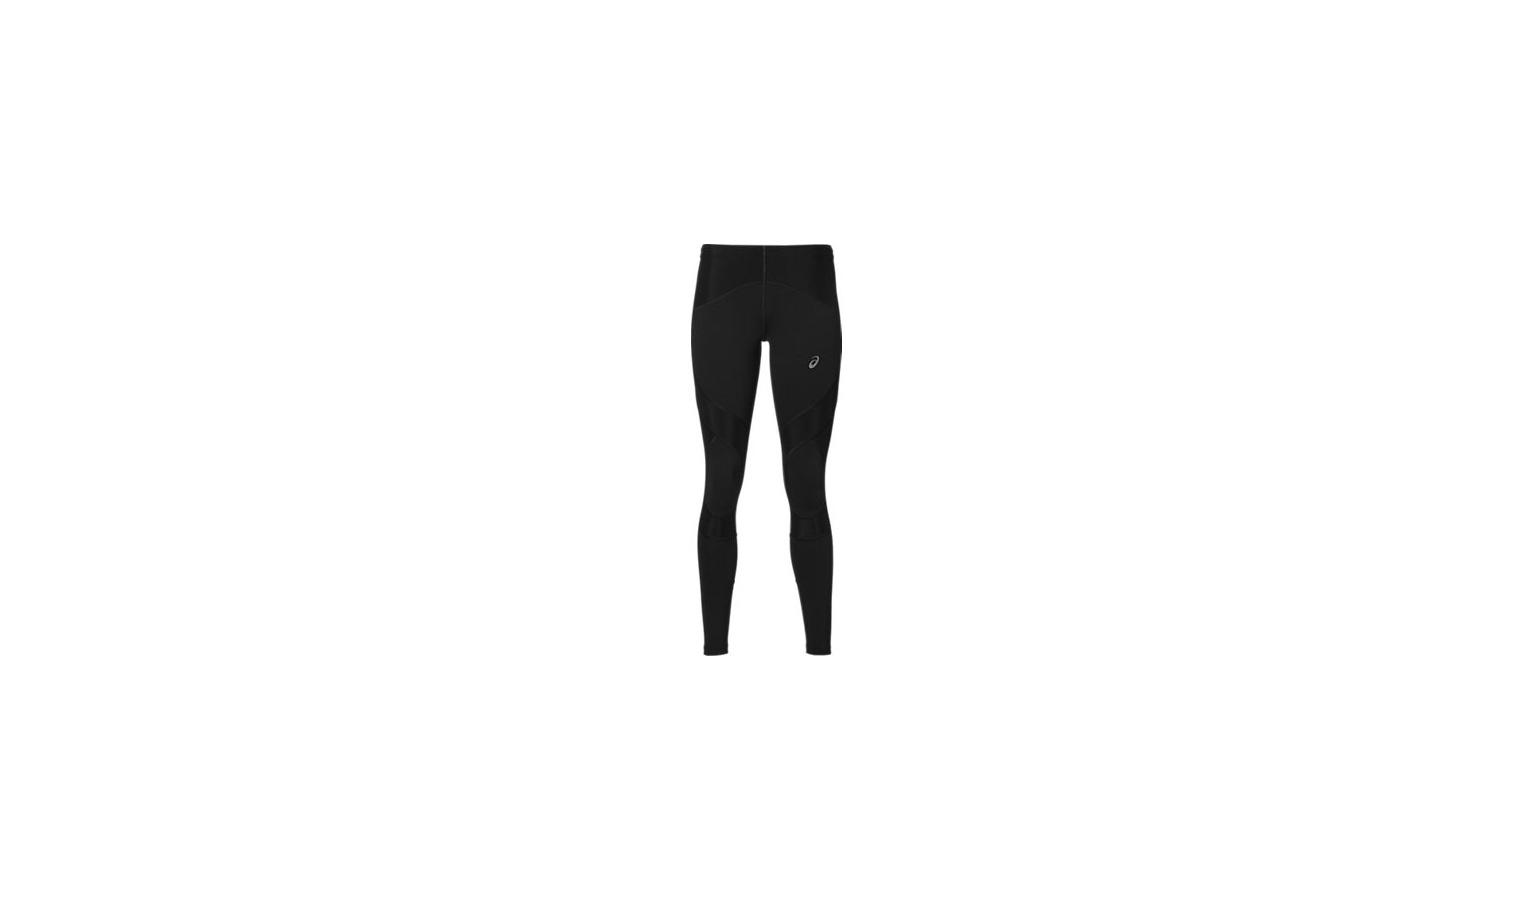 25b62c227c630 Dámske kompresné legíny Asics LEG BALANCE TIGHT W čierne | AD Sport.sk